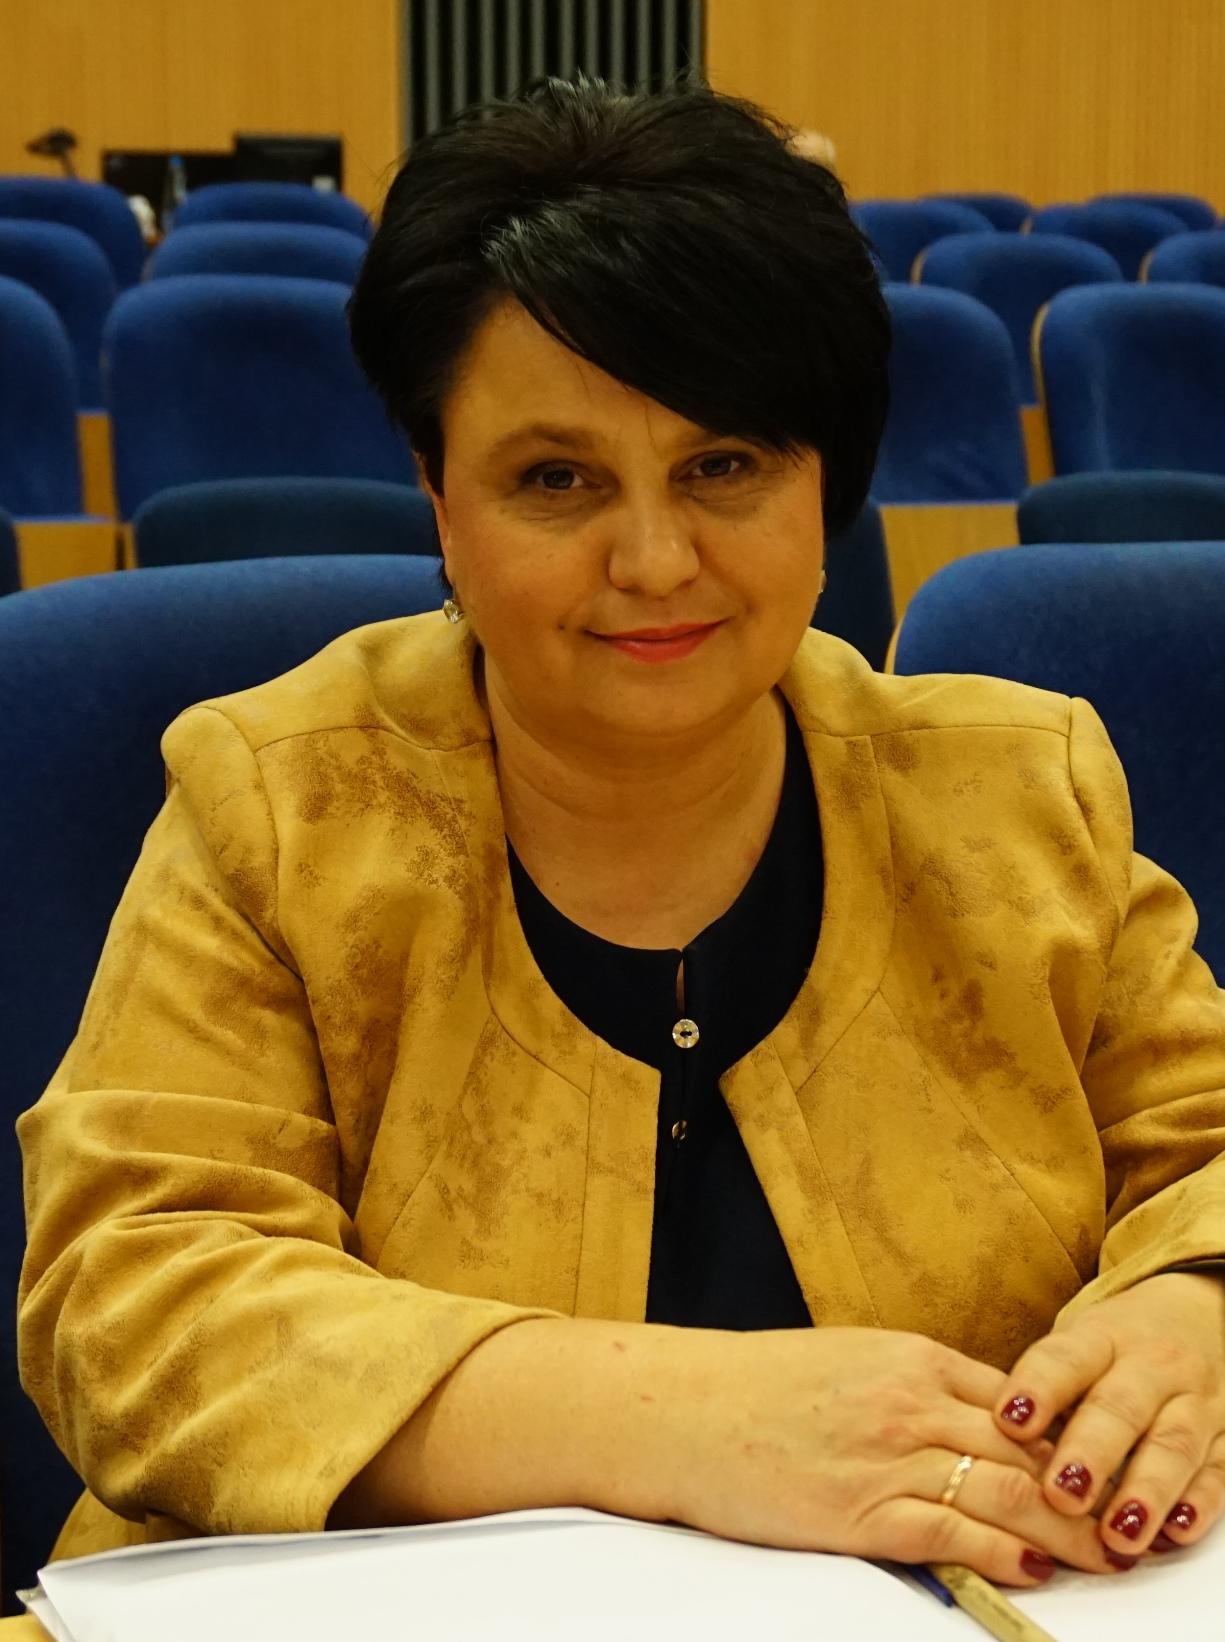 Radna Sylwia Leyk